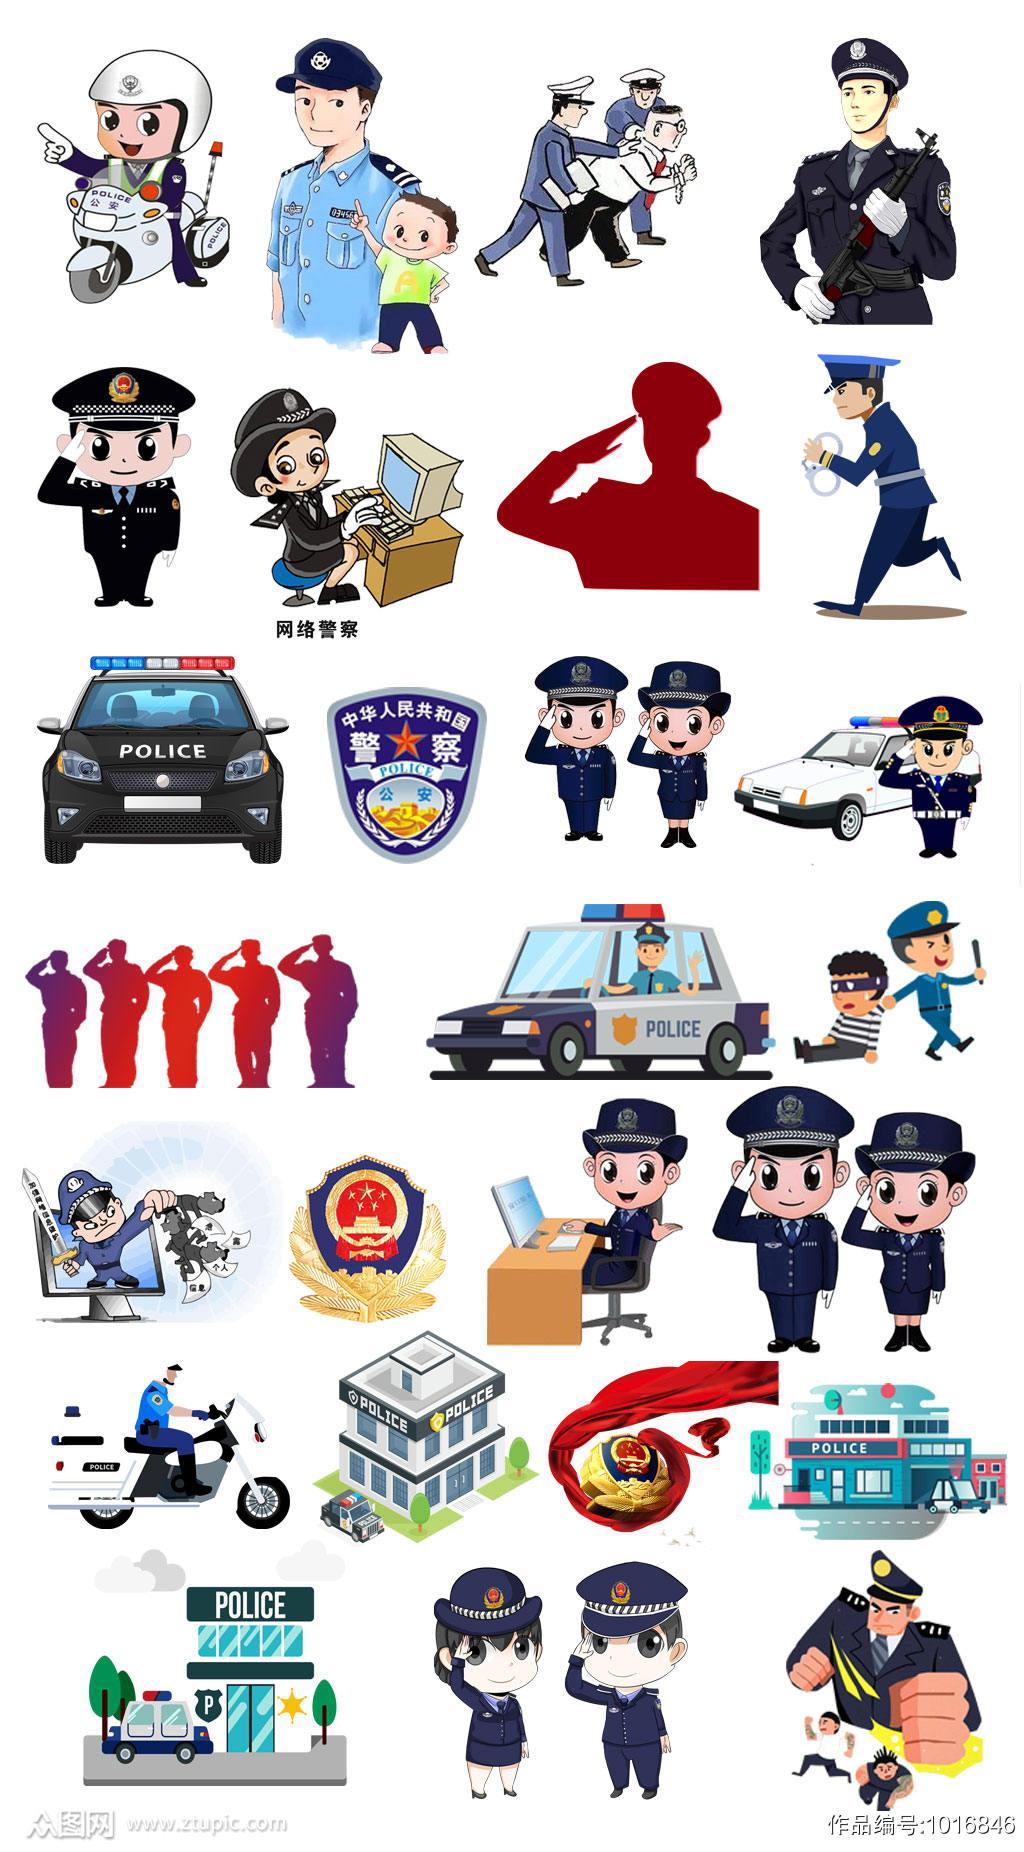 警察警车警徽元素素材素材